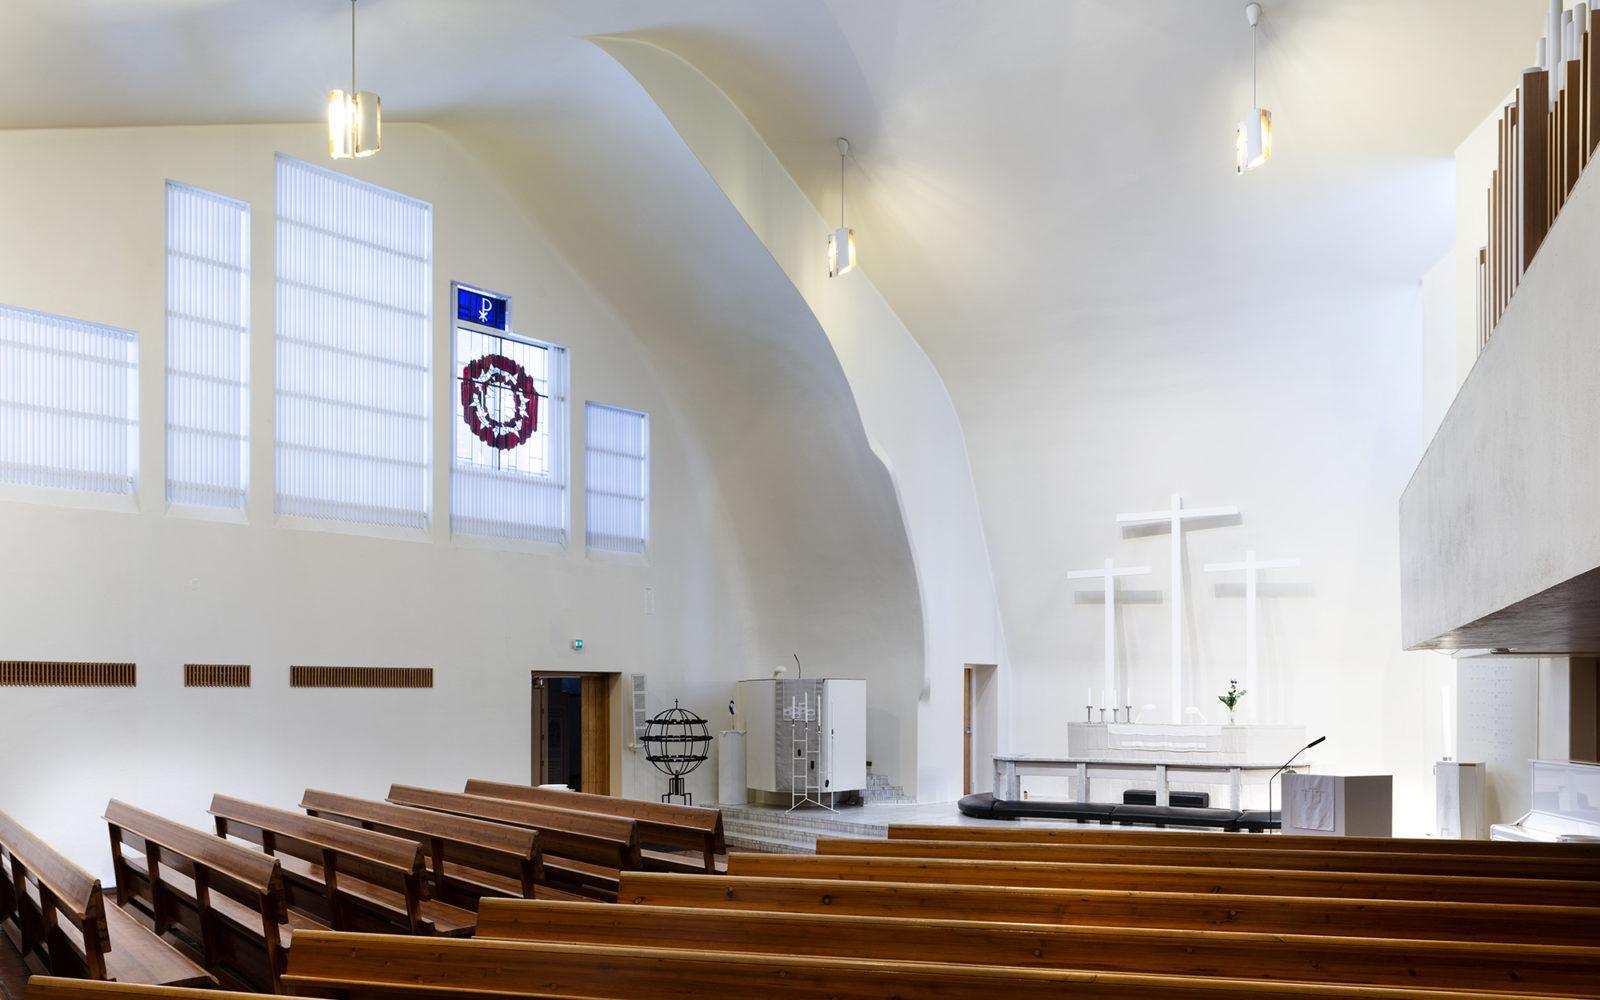 Kolmen Ristin kirkko (1956-58), Vuoksenniska, Imatra, Kuva Pinja Eerola, Alvar Aalto -museo